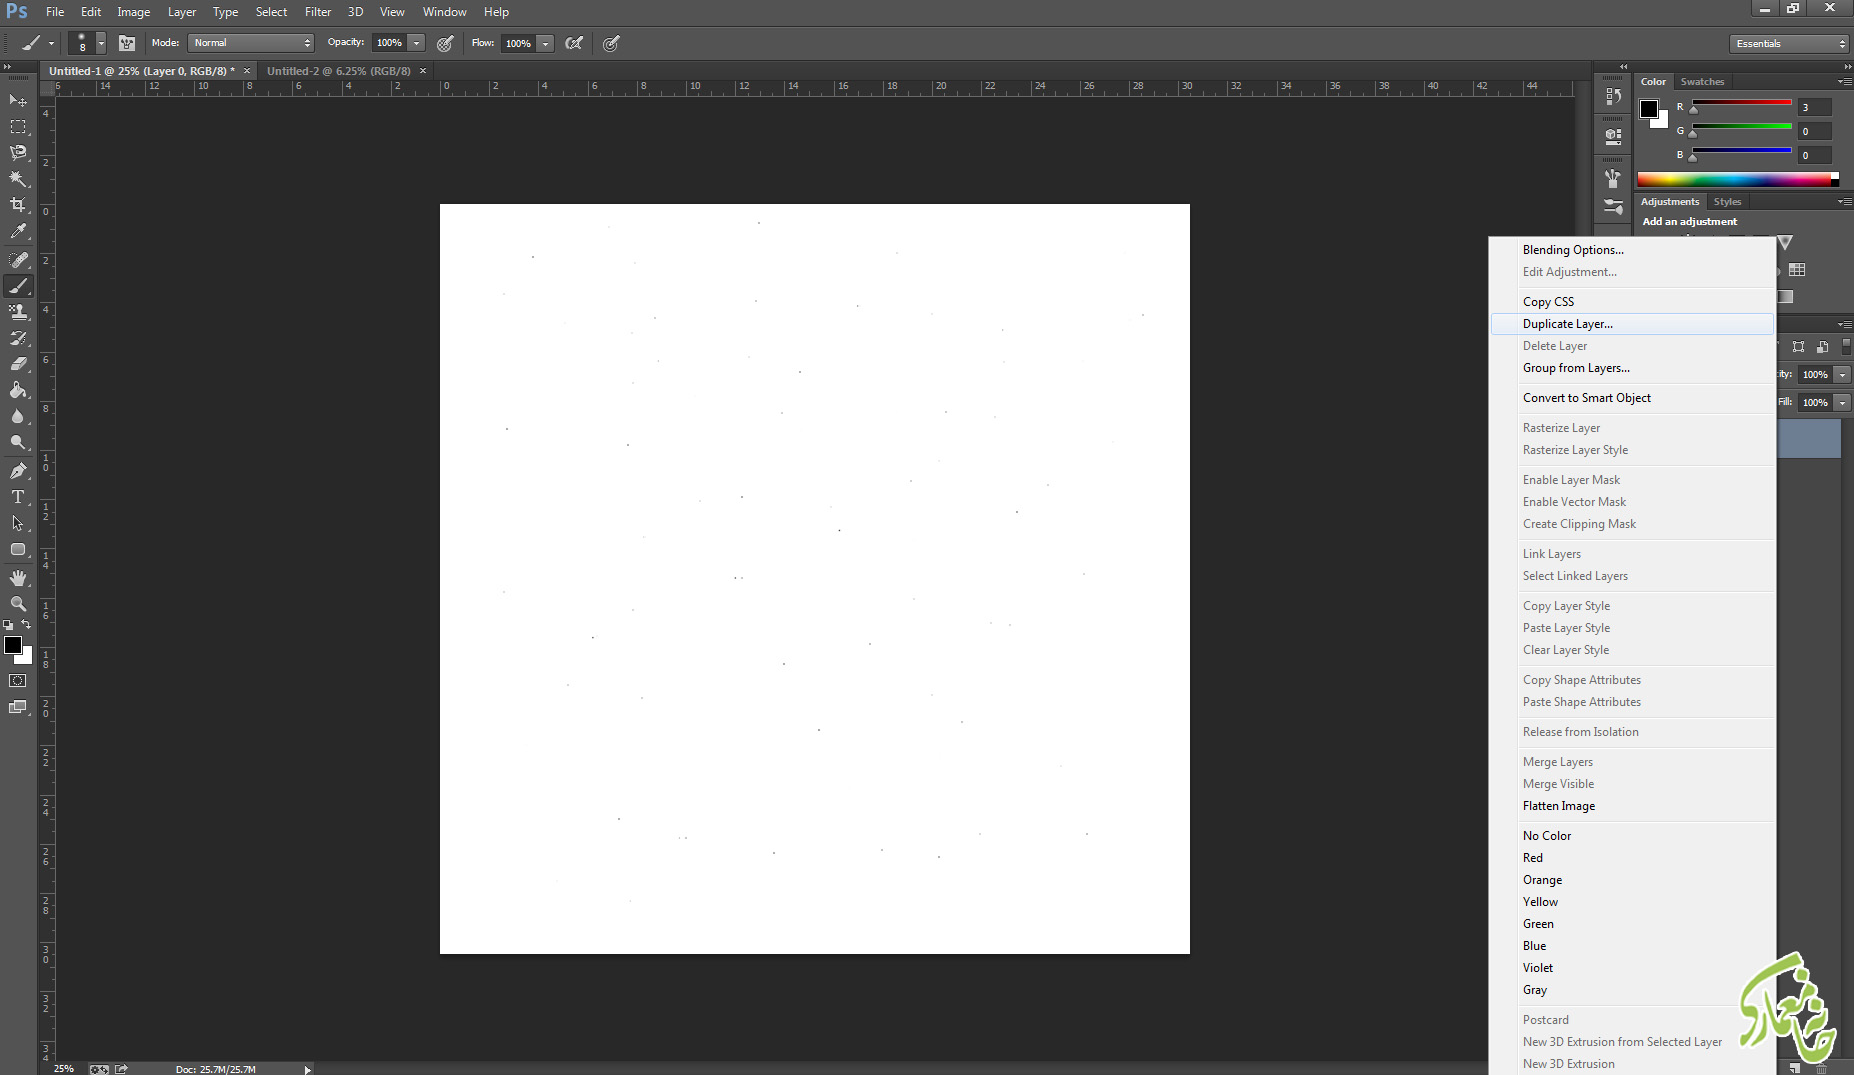 ایجاد سند بزرگتر در photoshop